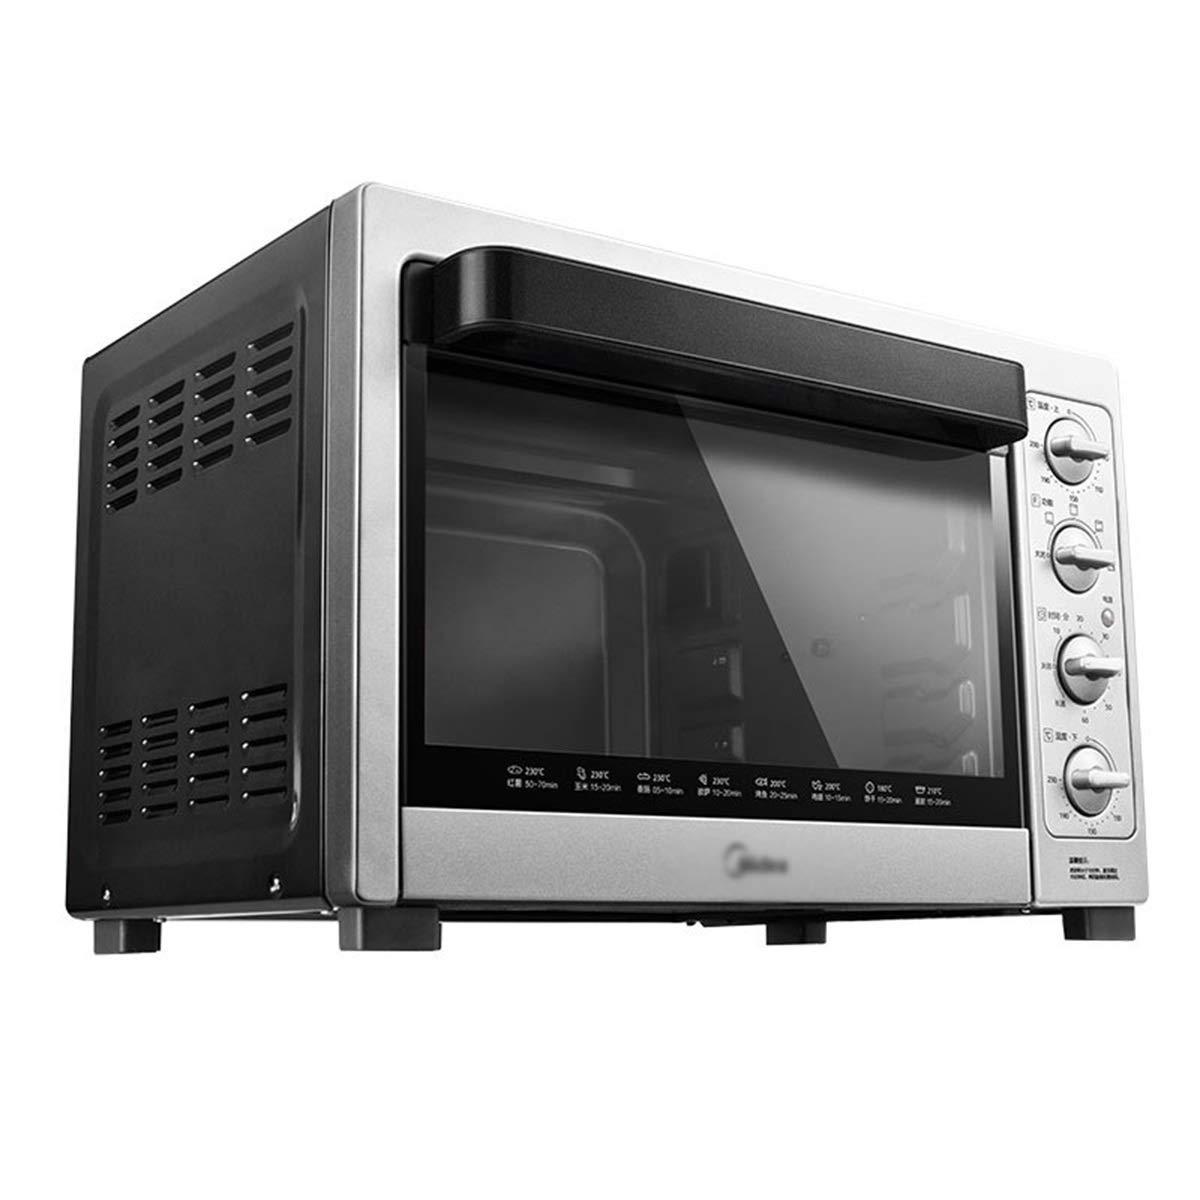 ZCYX ミニオーブン - 多機能家庭用オーブン38L容量ロータリーフォーク4層オーブン電気オーブン -7487 オーブン B07RT63SNL